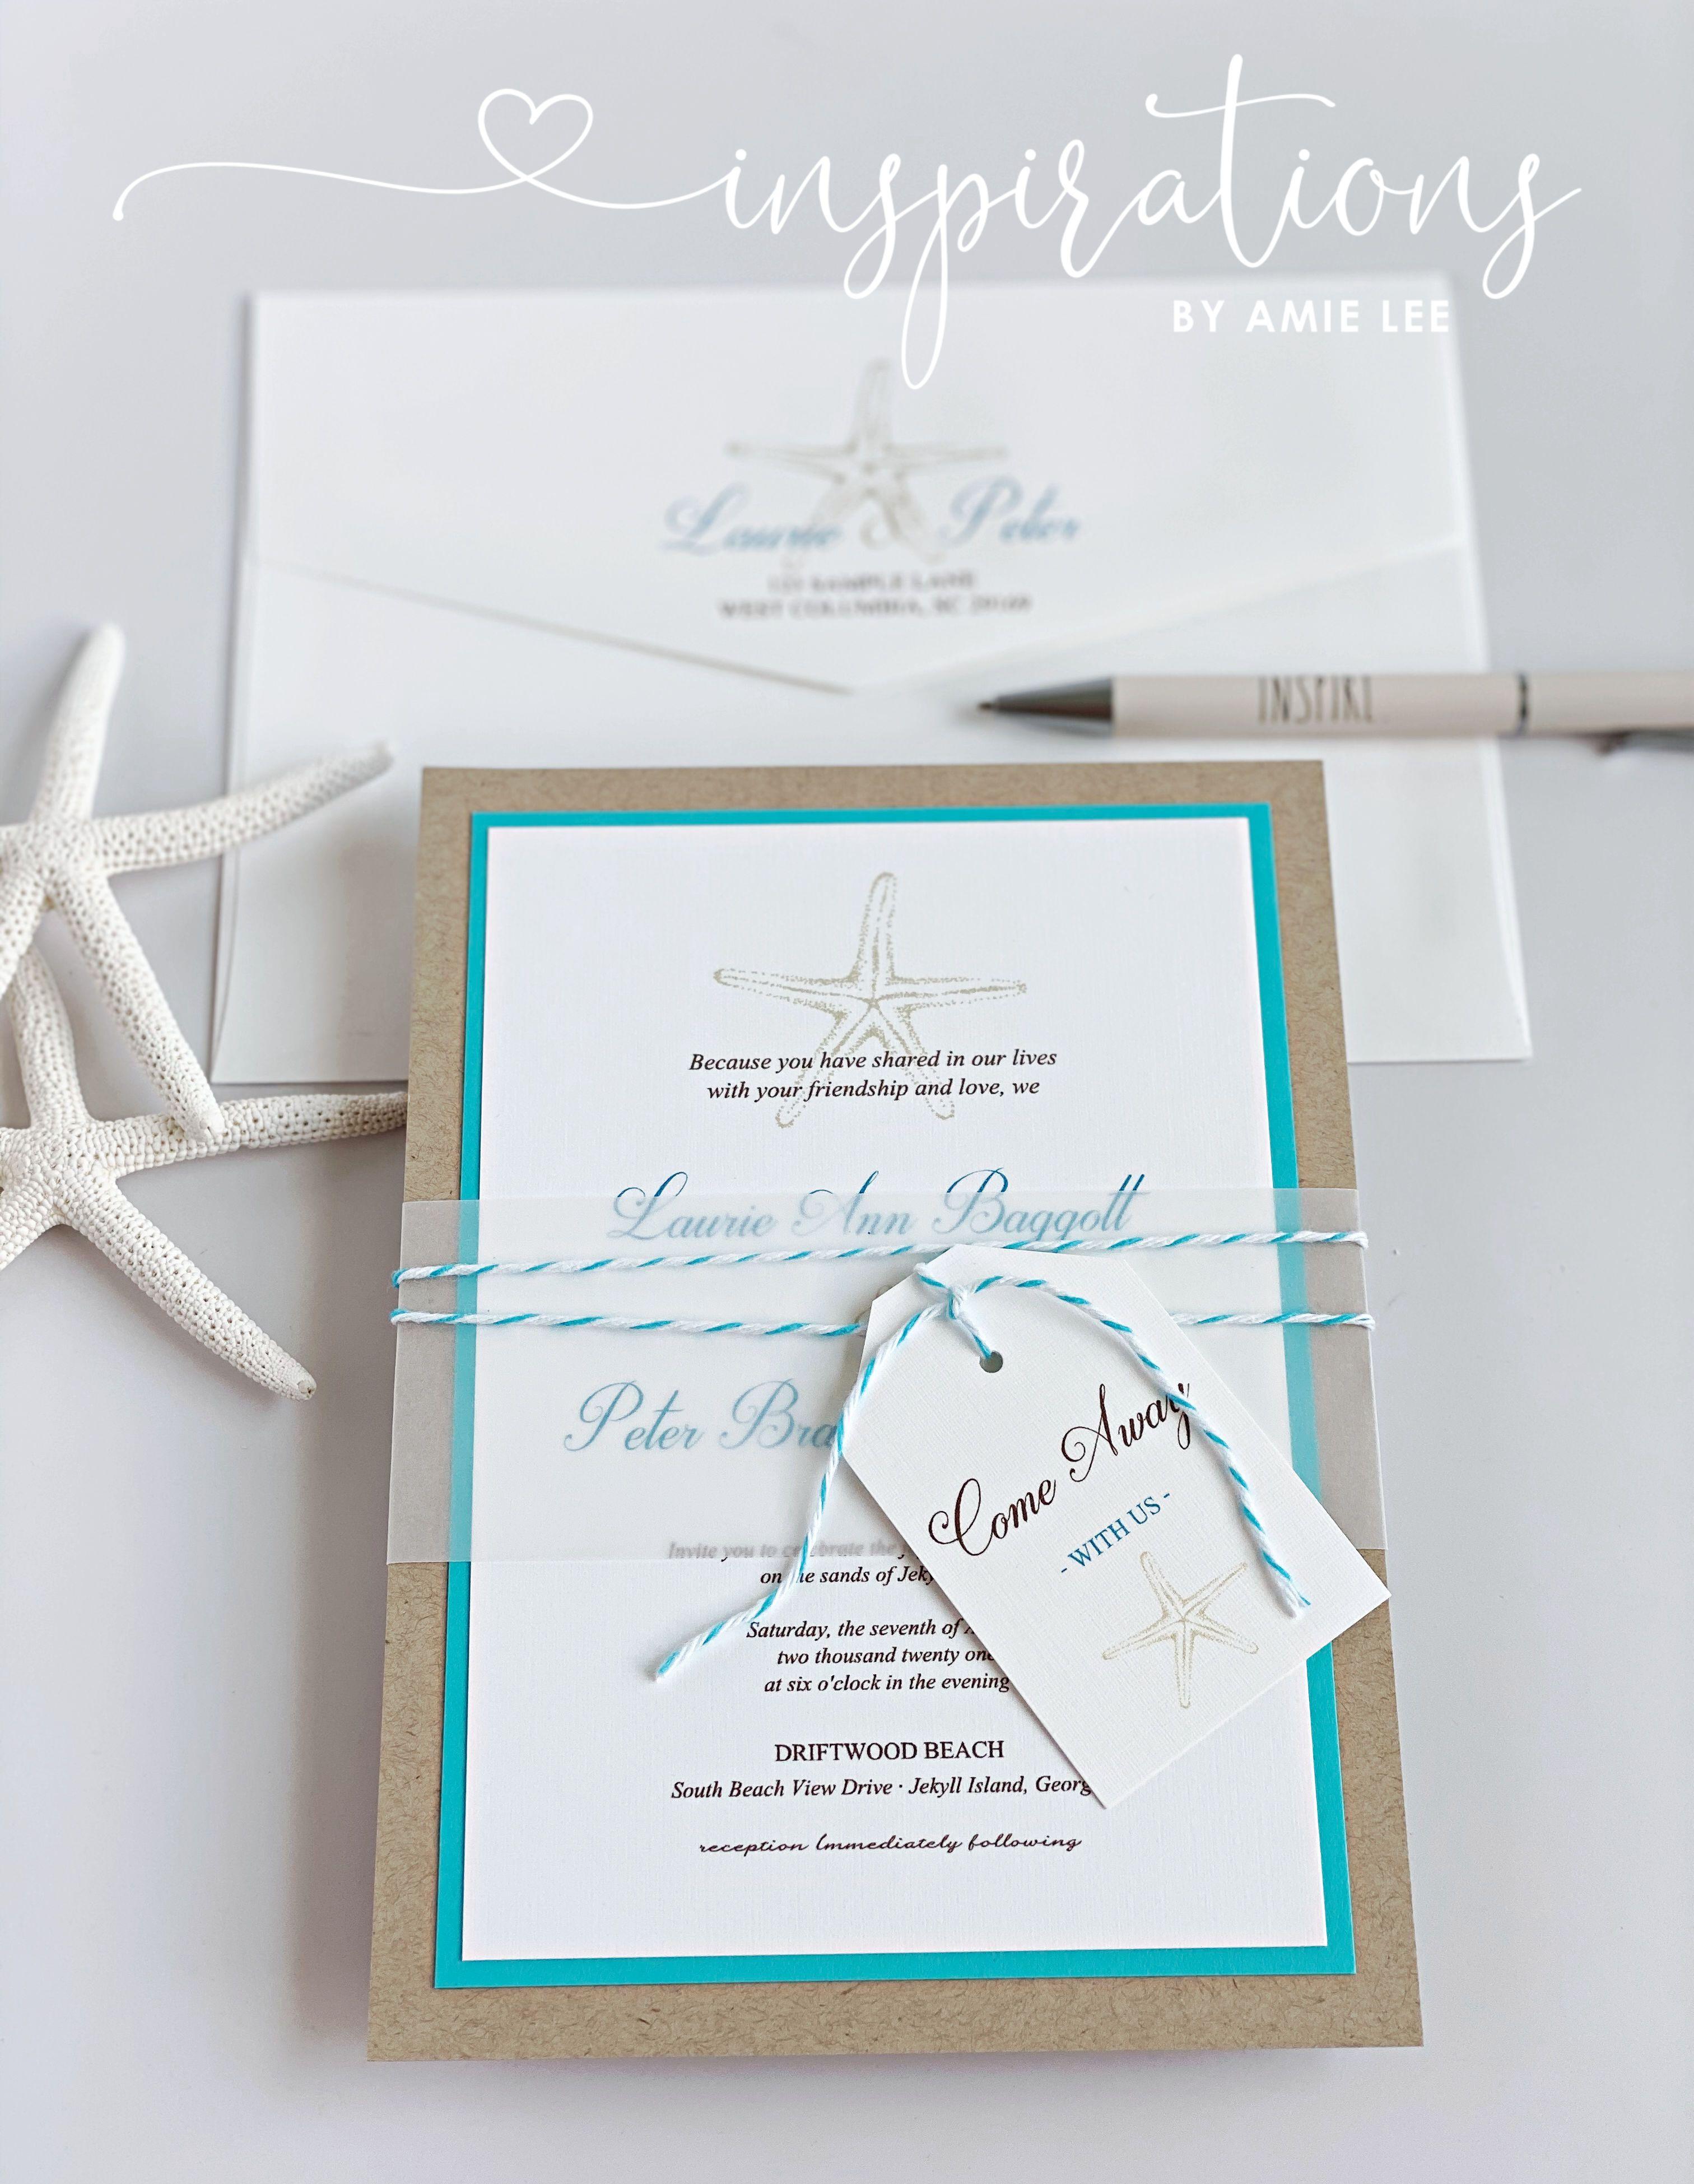 Elegant Beach Wedding Invitations Destination Wedding Tropical Island Wedding Florida Wedding Mexico Starfish Invitations In 2020 Beach Wedding Invitations Starfish Invitations Wedding Invitations